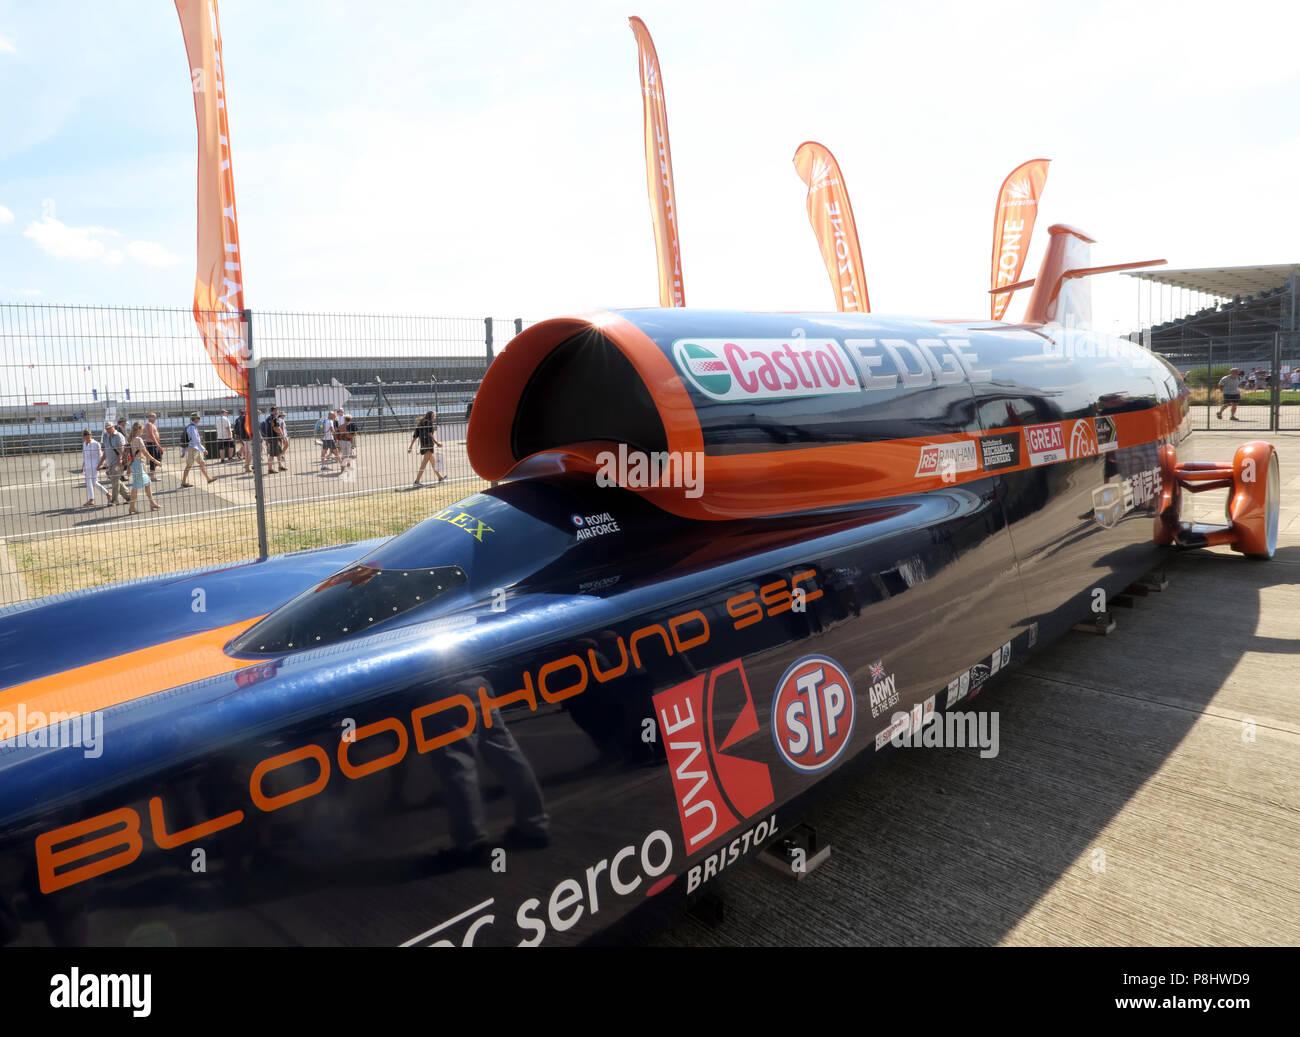 Dieses Stockfoto: Bloodhound SSC jet Auto, jetzt LSR, British supersonic Fahrzeug zu Land, in Silverstone Rennstrecke, UTC, Silverstone, Towcester, England, NN12 8TL - P8HWD9